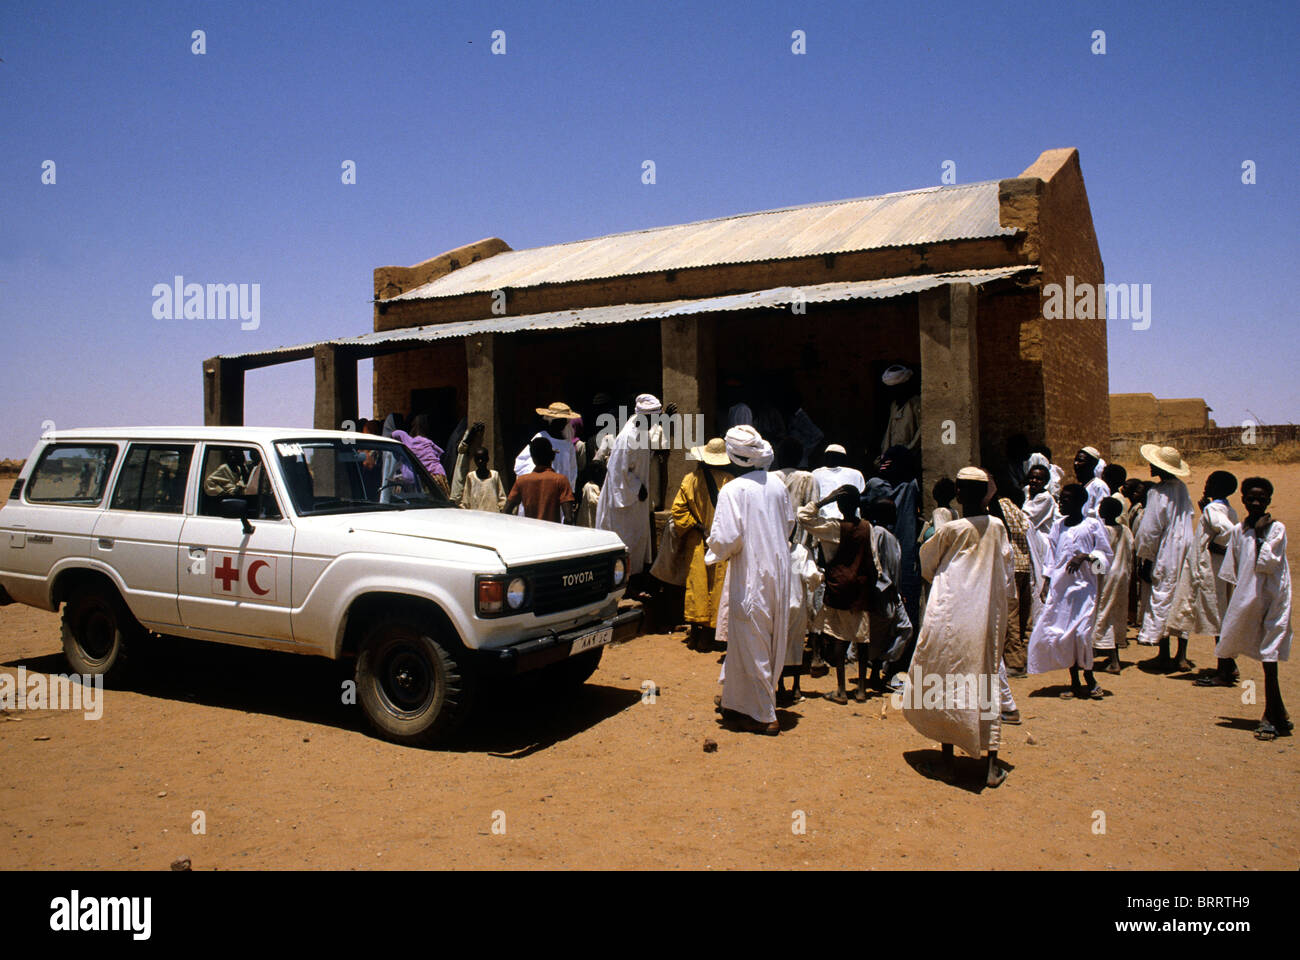 La carestia nella regione del Darfur del Sudan, 1985. La Croce Rossa e Mezzaluna Rossa il veicolo al punto di monitoraggio Immagini Stock